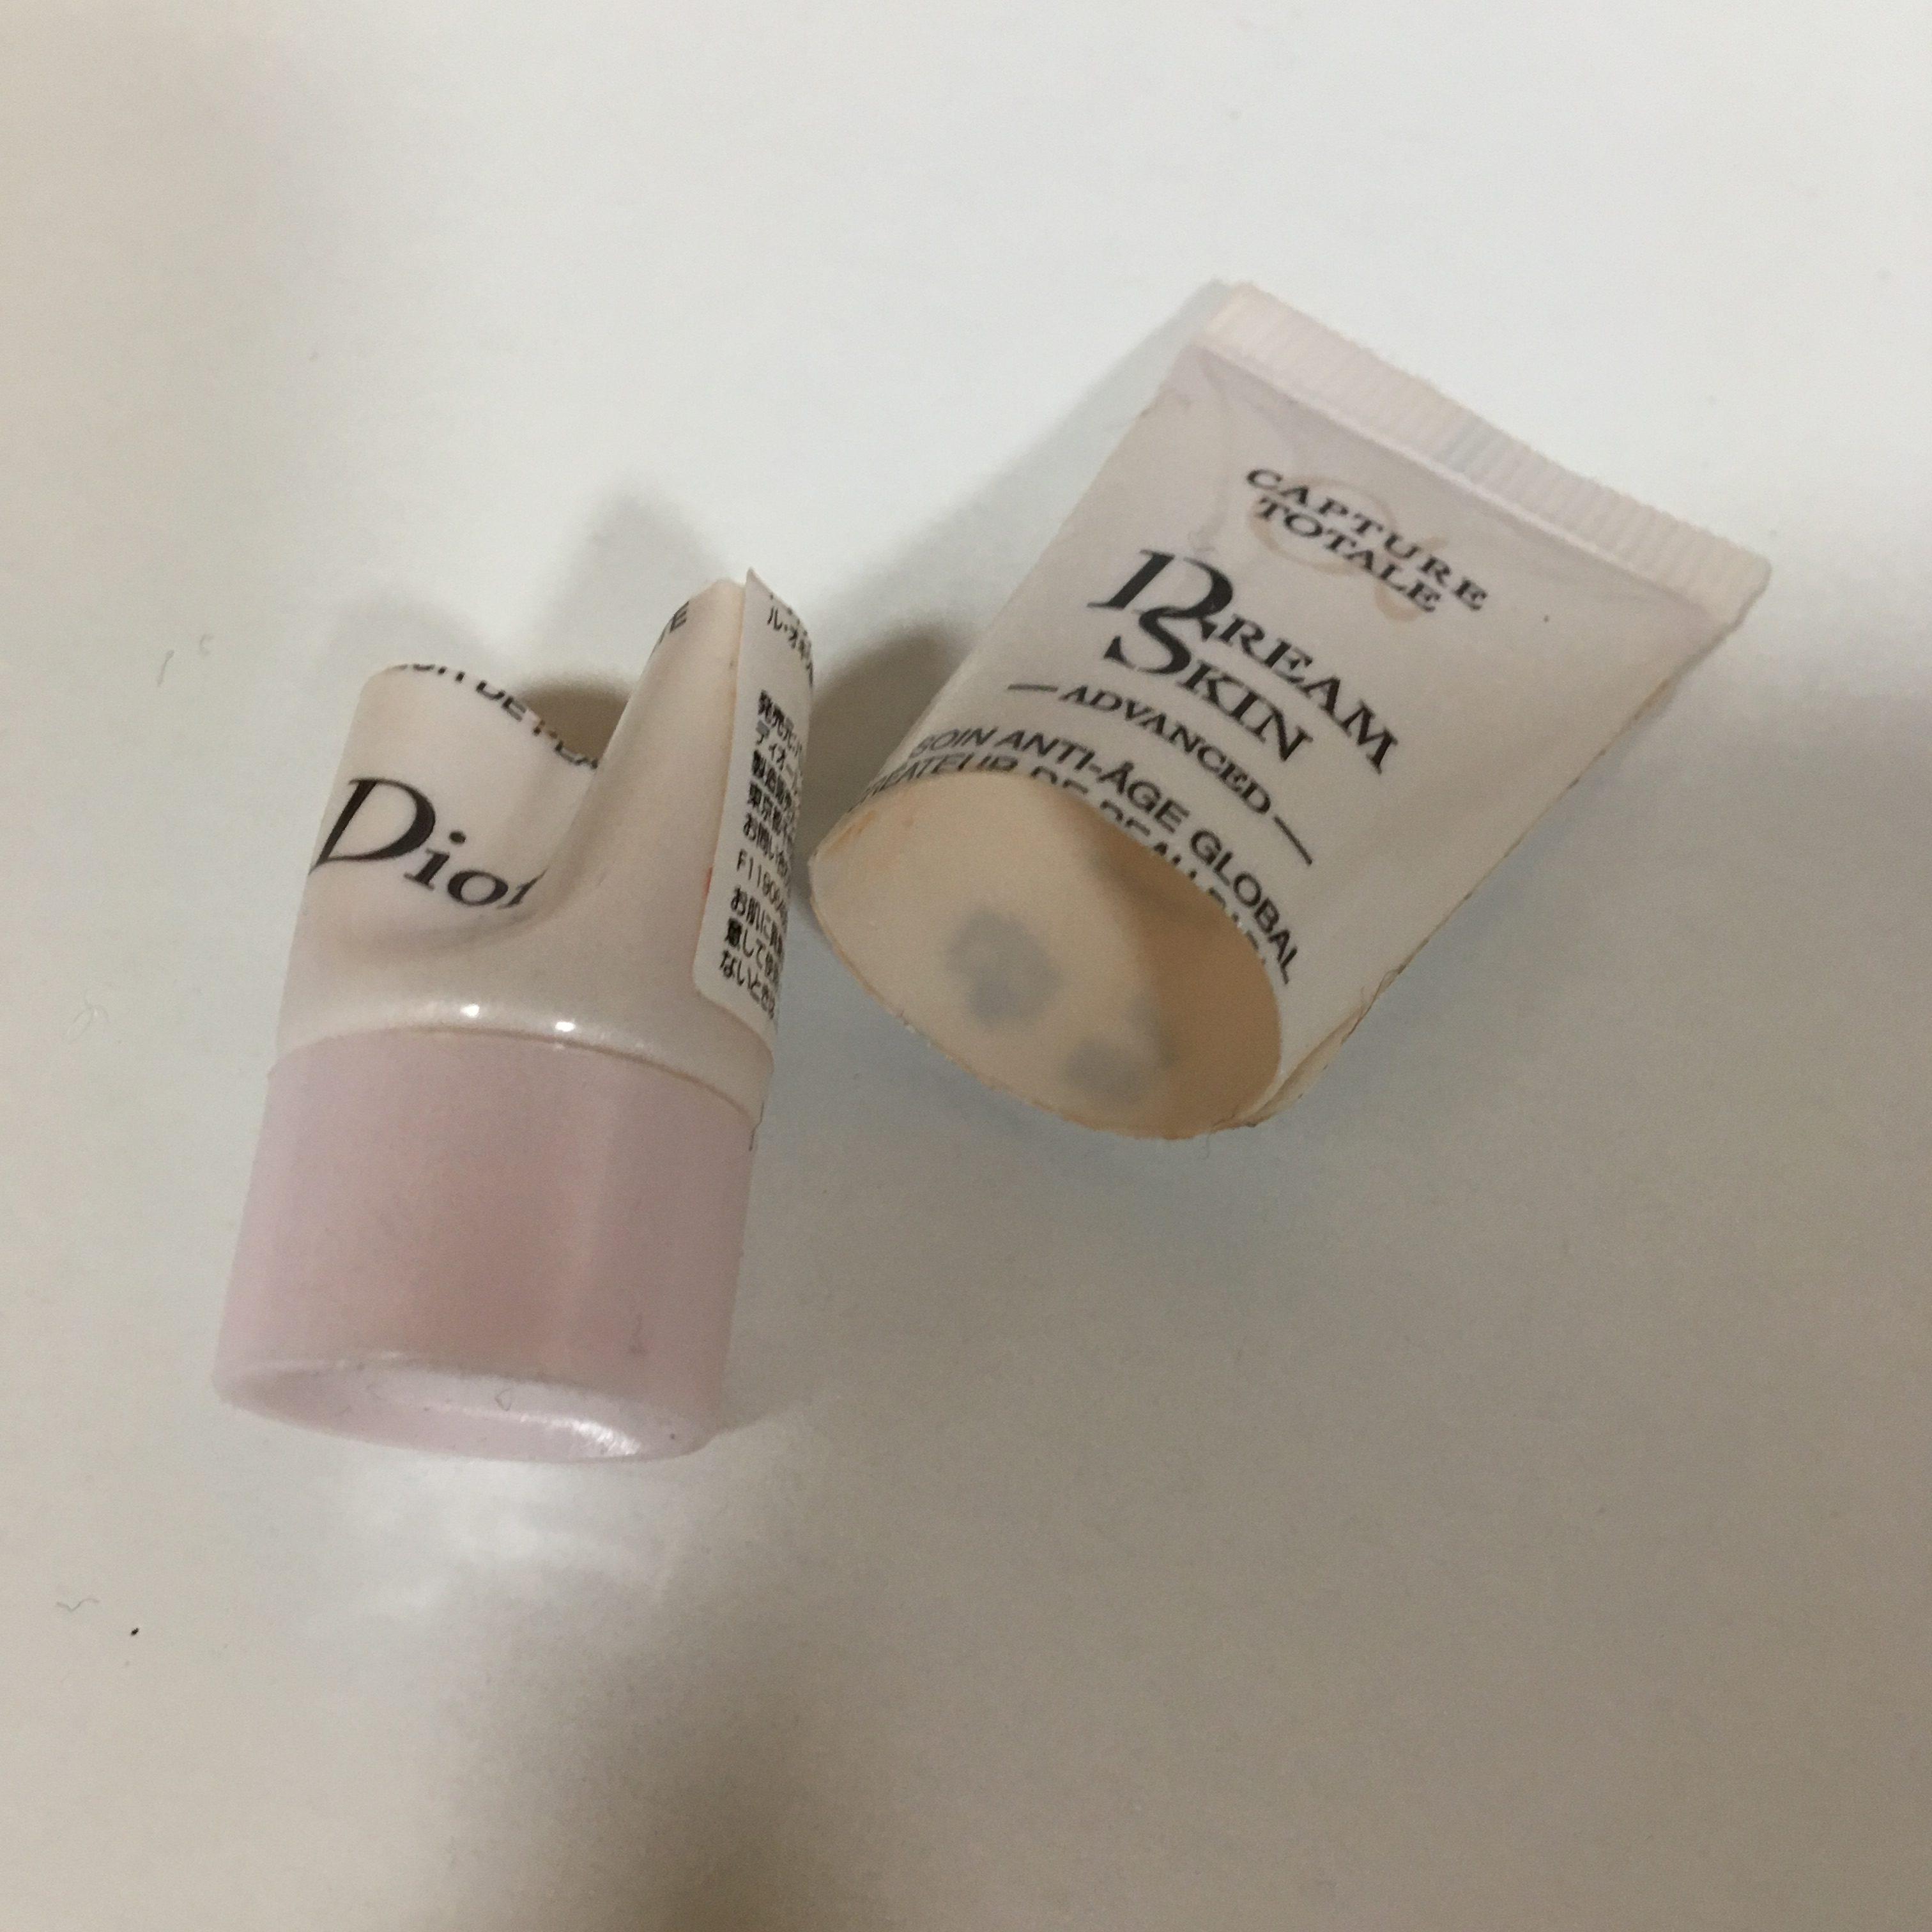 Dior ディオール ドリームスキンアドバンスト カプチュールトータル